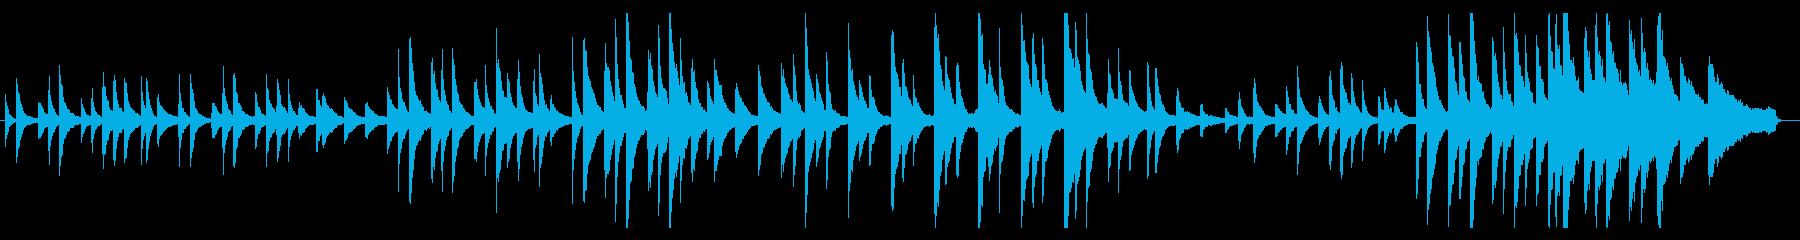 ピアノソロによる葬送行進曲風のバラードの再生済みの波形